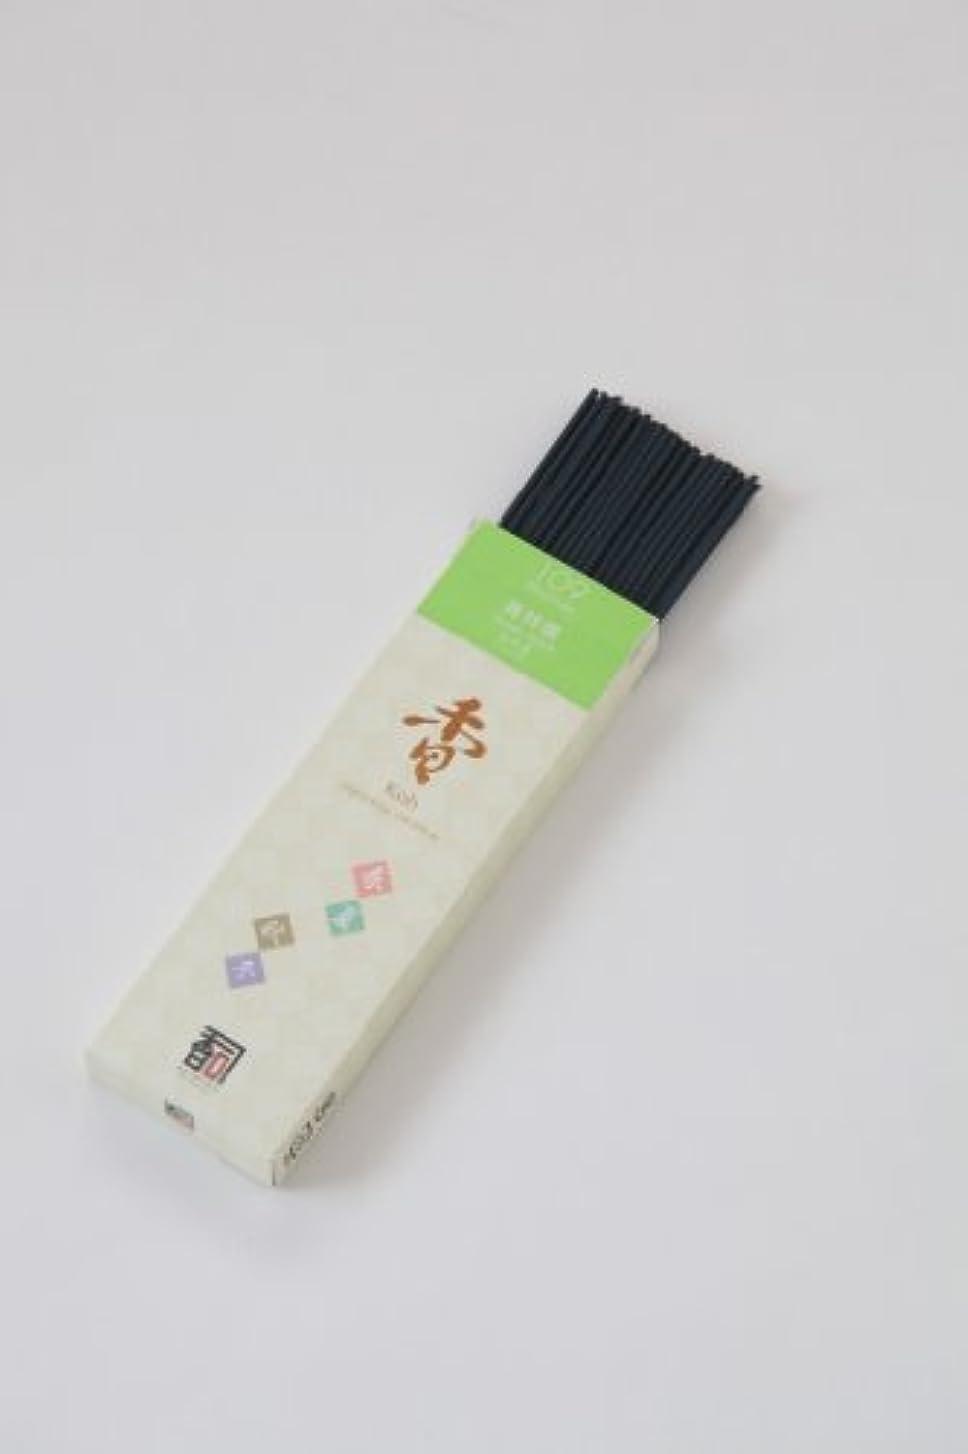 設計図ふりをする中傷「あわじ島の香司」 日本の香りシリーズ (春夏秋冬) 【109】  ◆青林檎◆